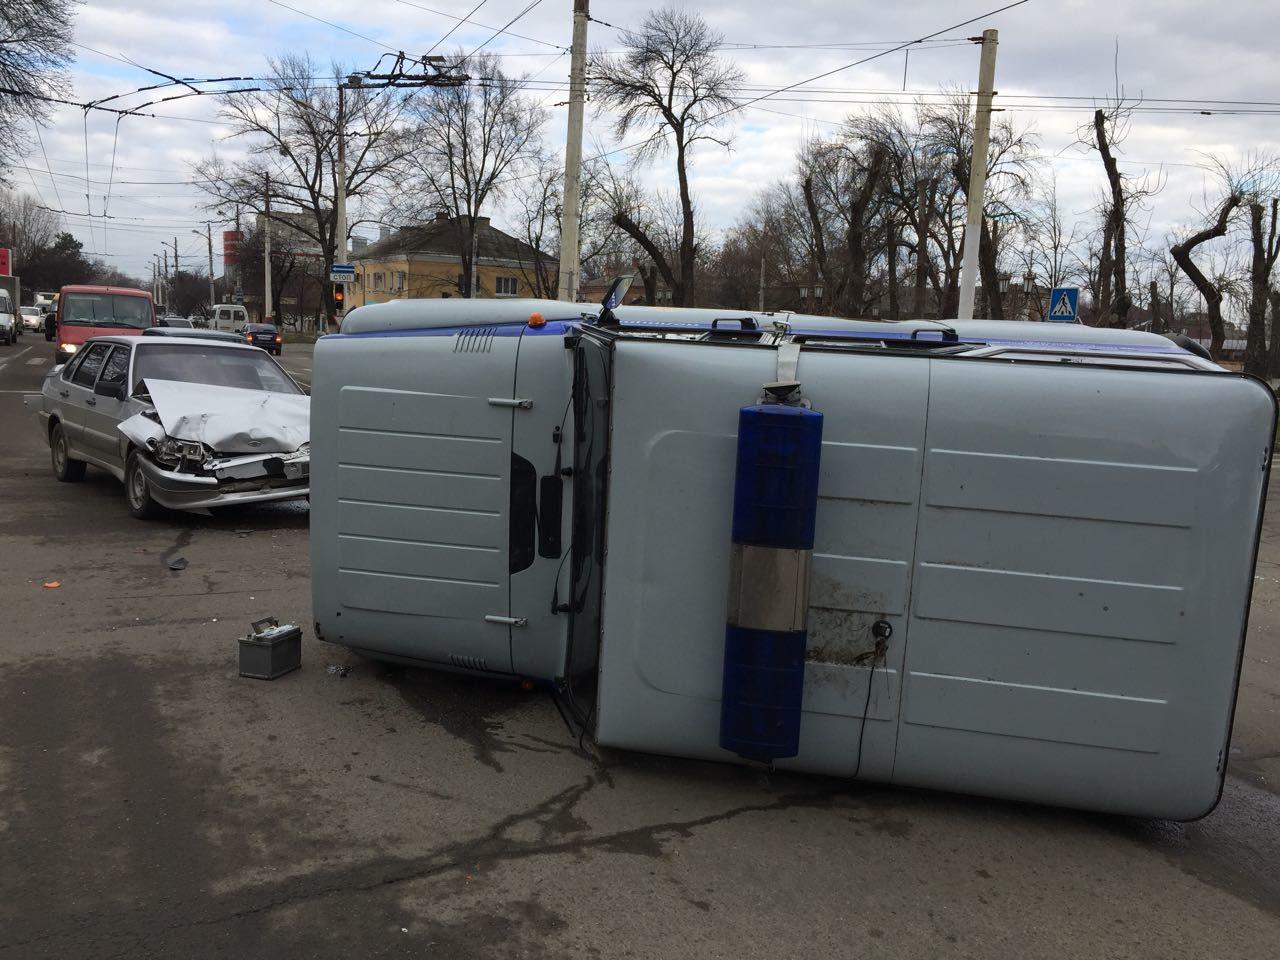 ВАрмавире после ДТП перевернулась полицейская машина